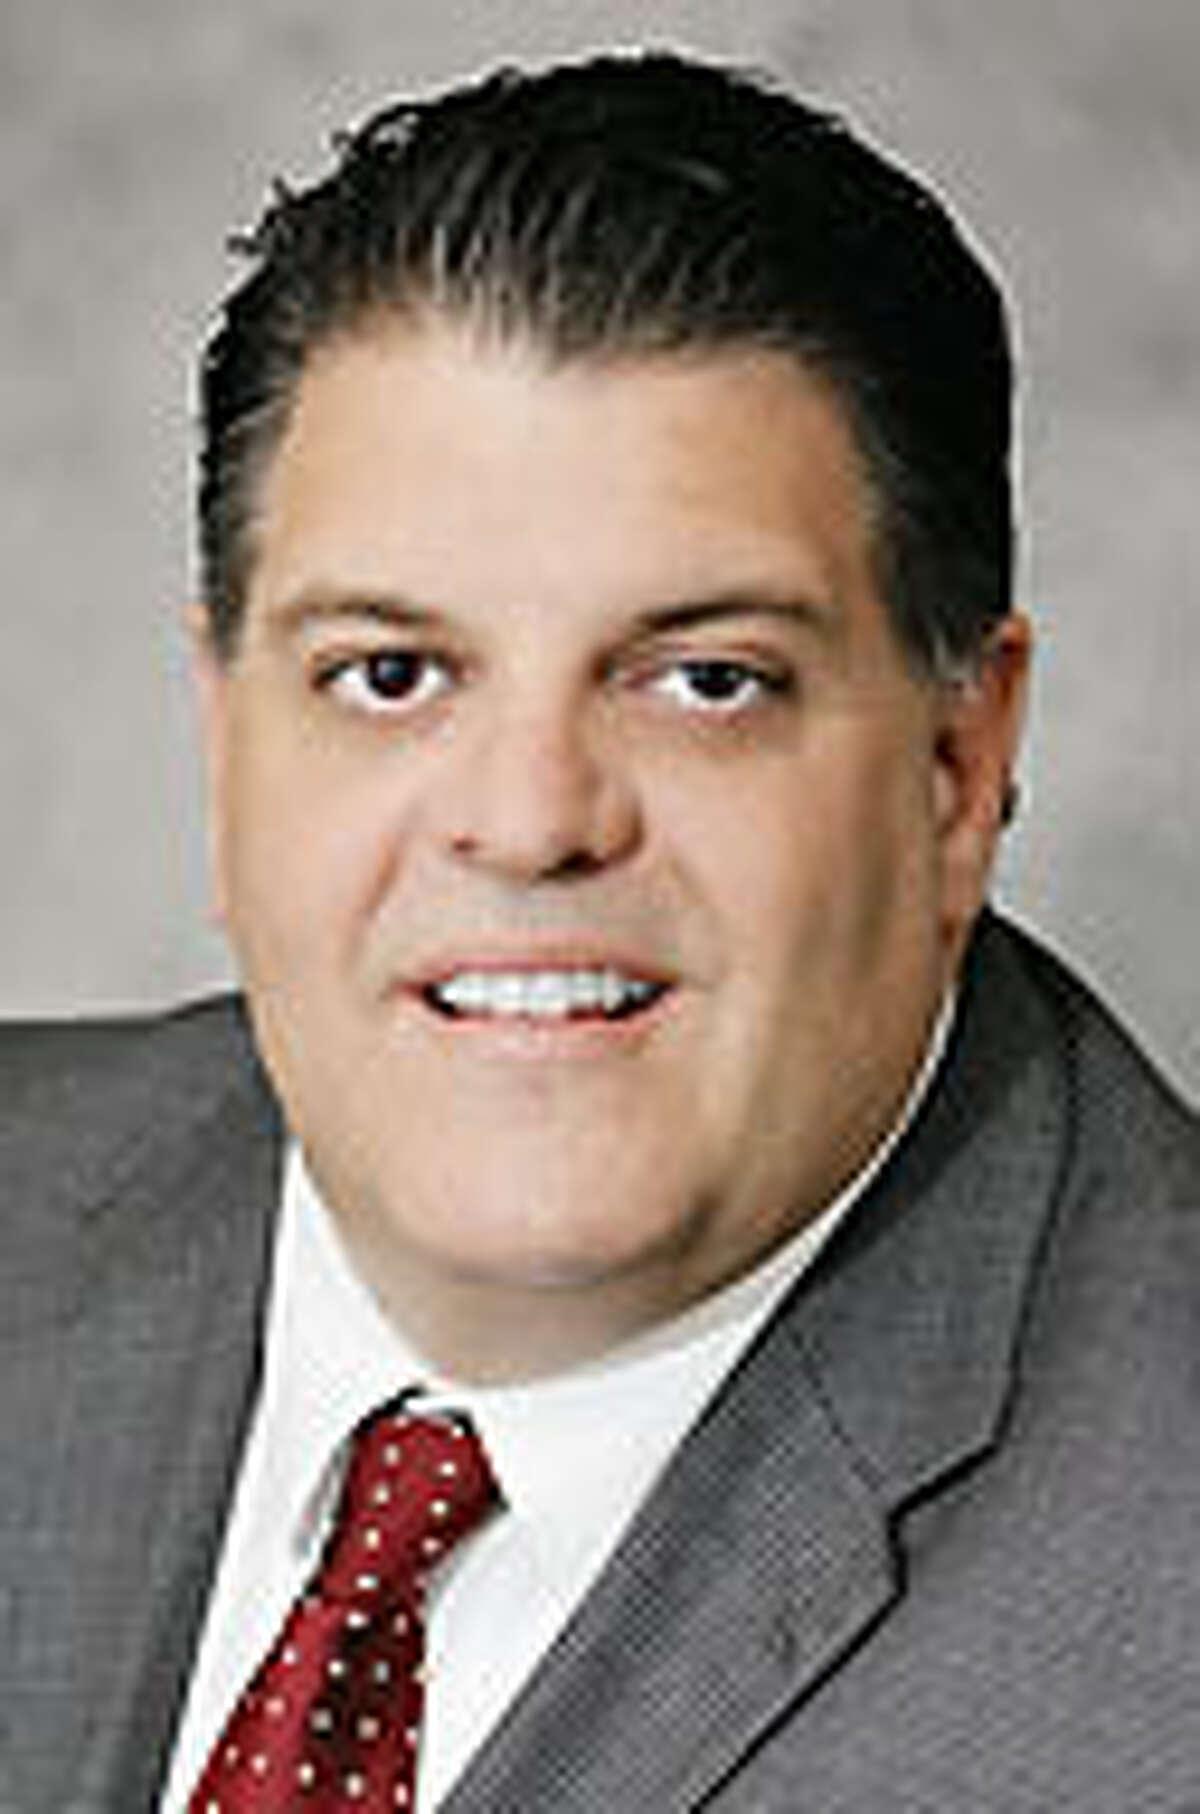 State Rep. Dave Rutigliano